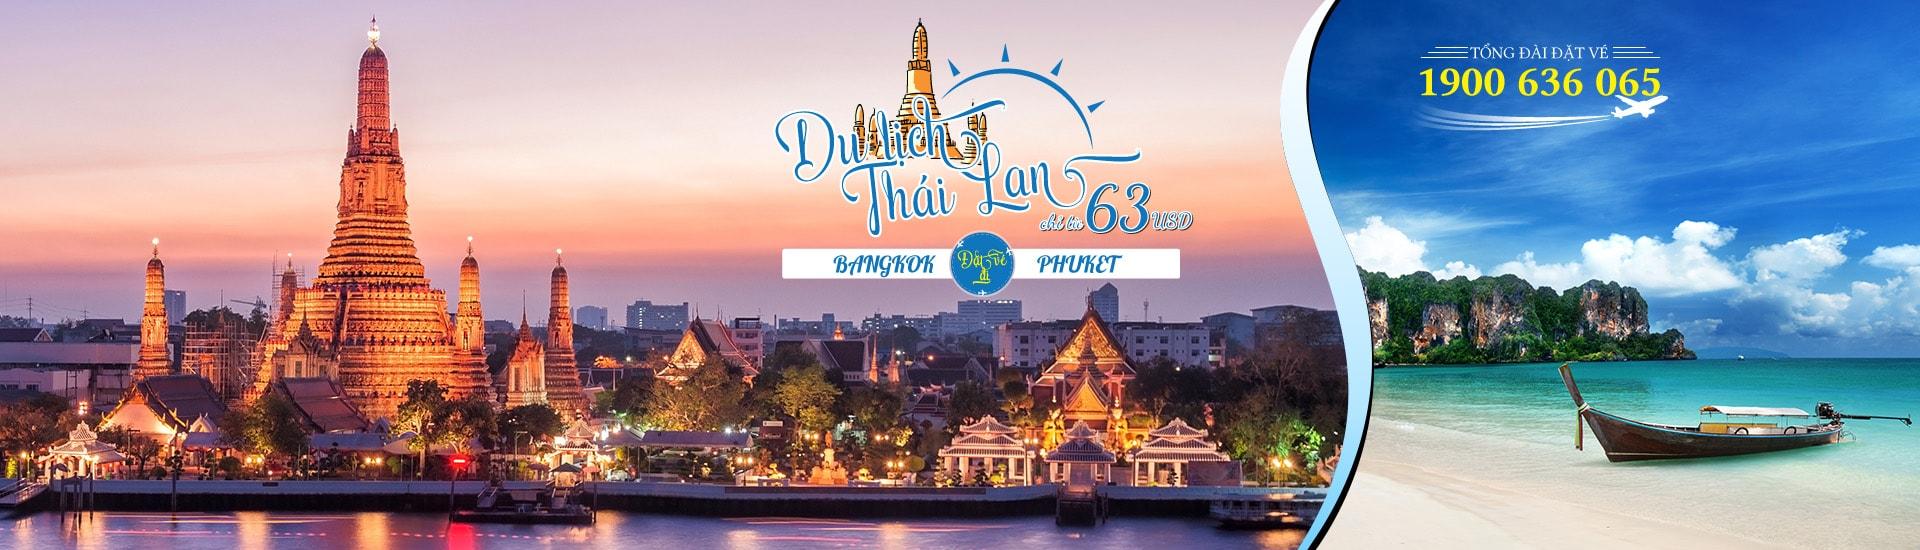 datvere_ThaiLand-min